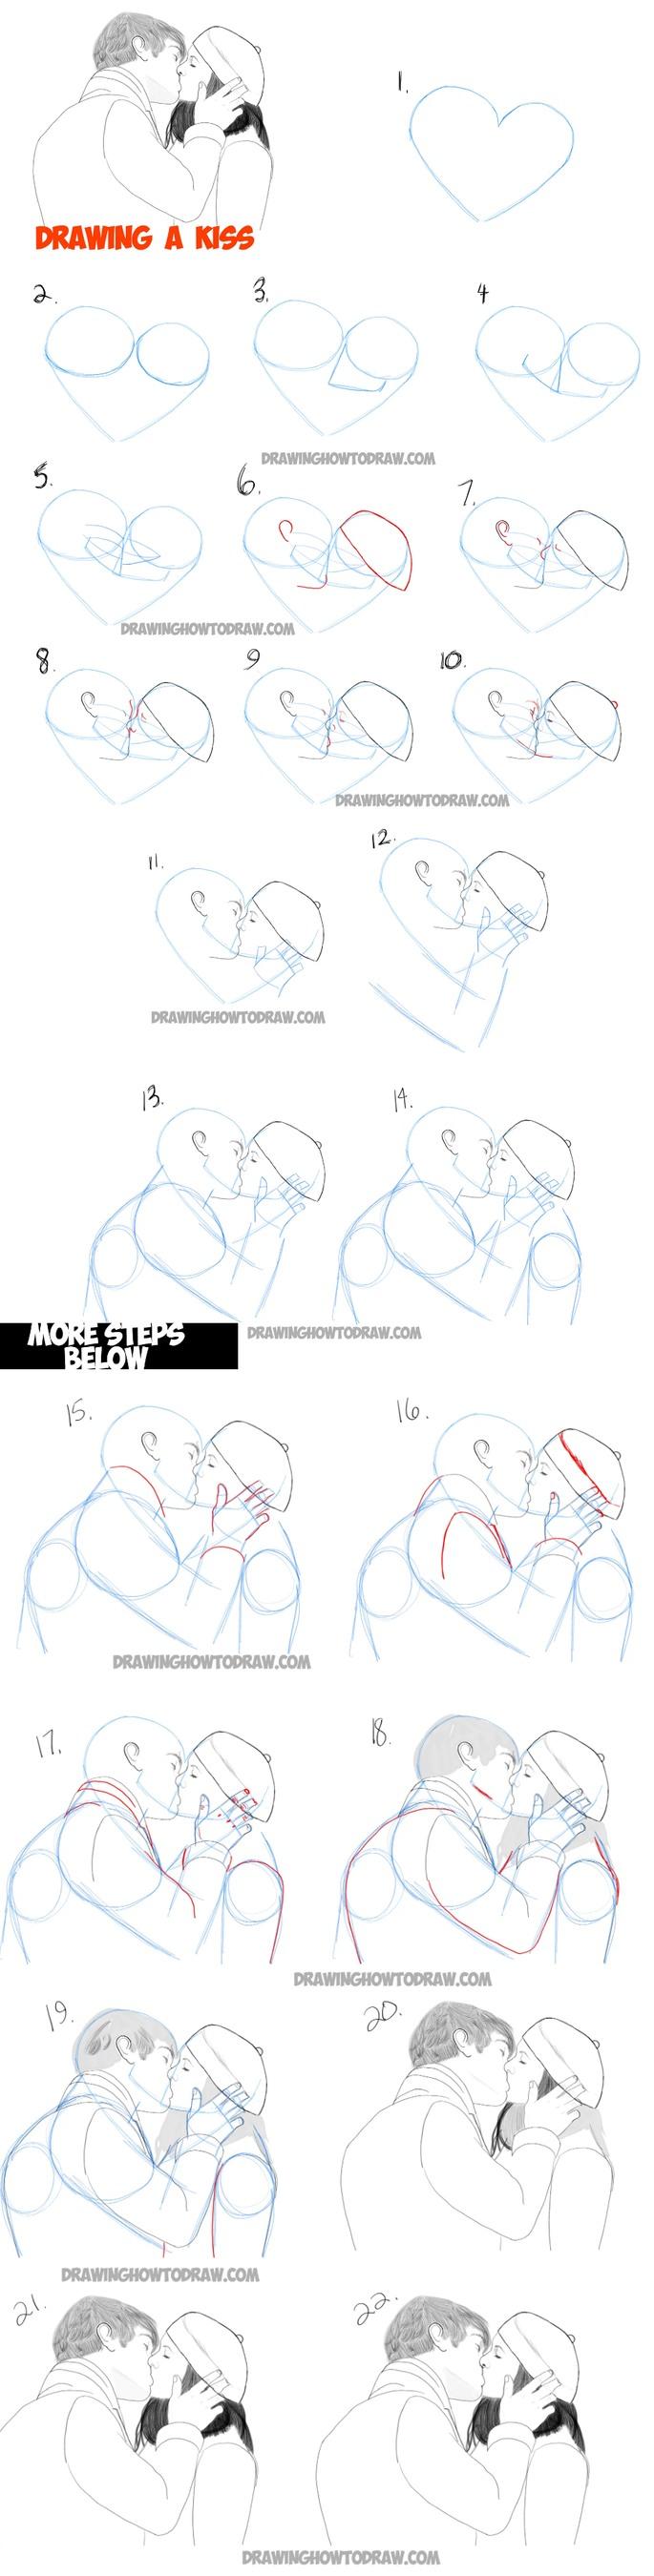 amor dibujo dibujar enamorado facil  beso pareja besandose paso a paso a partir de un corazón